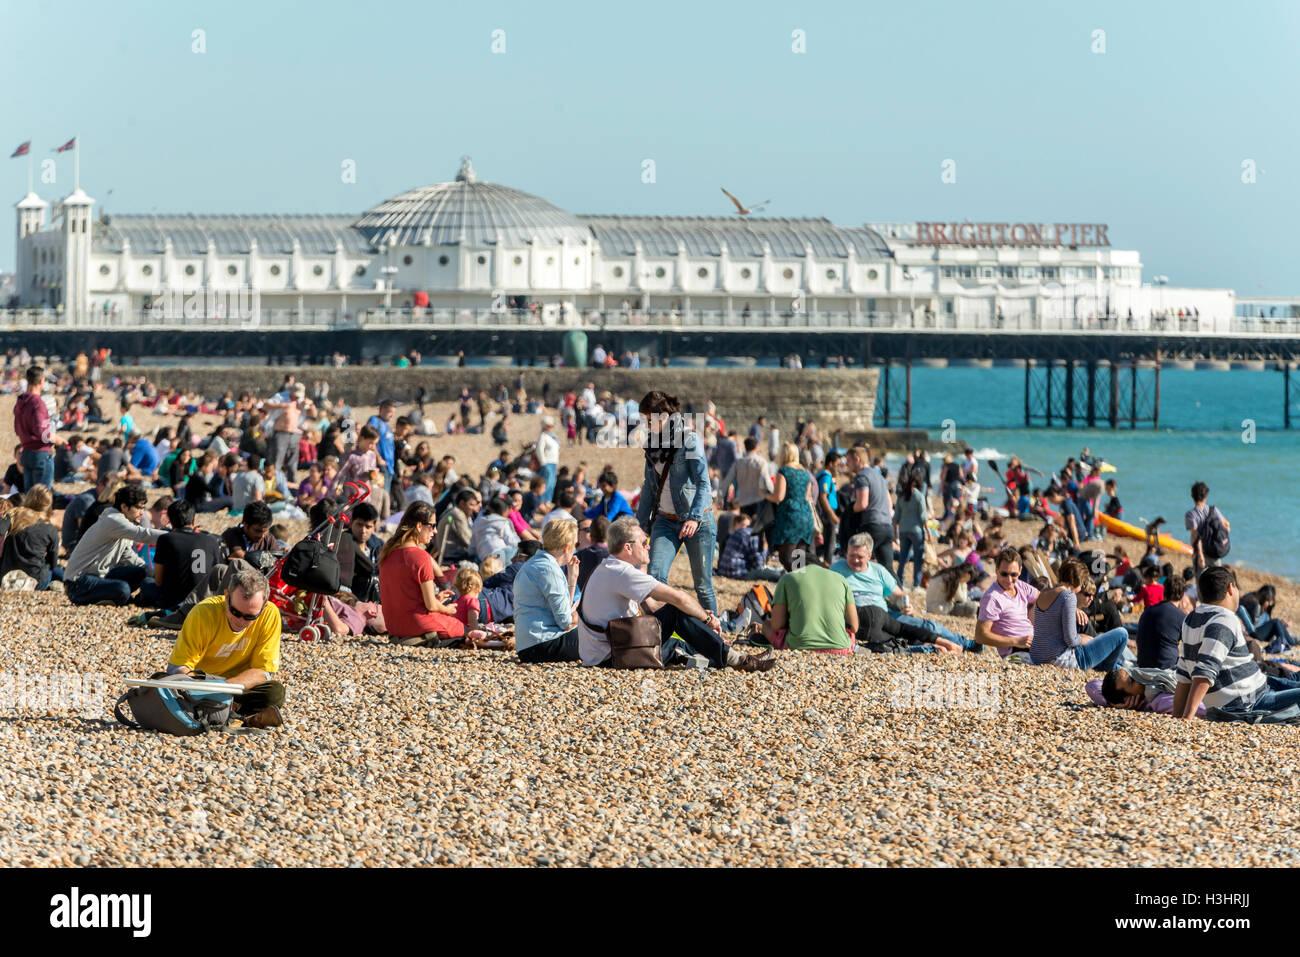 La spiaggia di Brighton in un caldo pomeriggio d'autunno. Immagini Stock